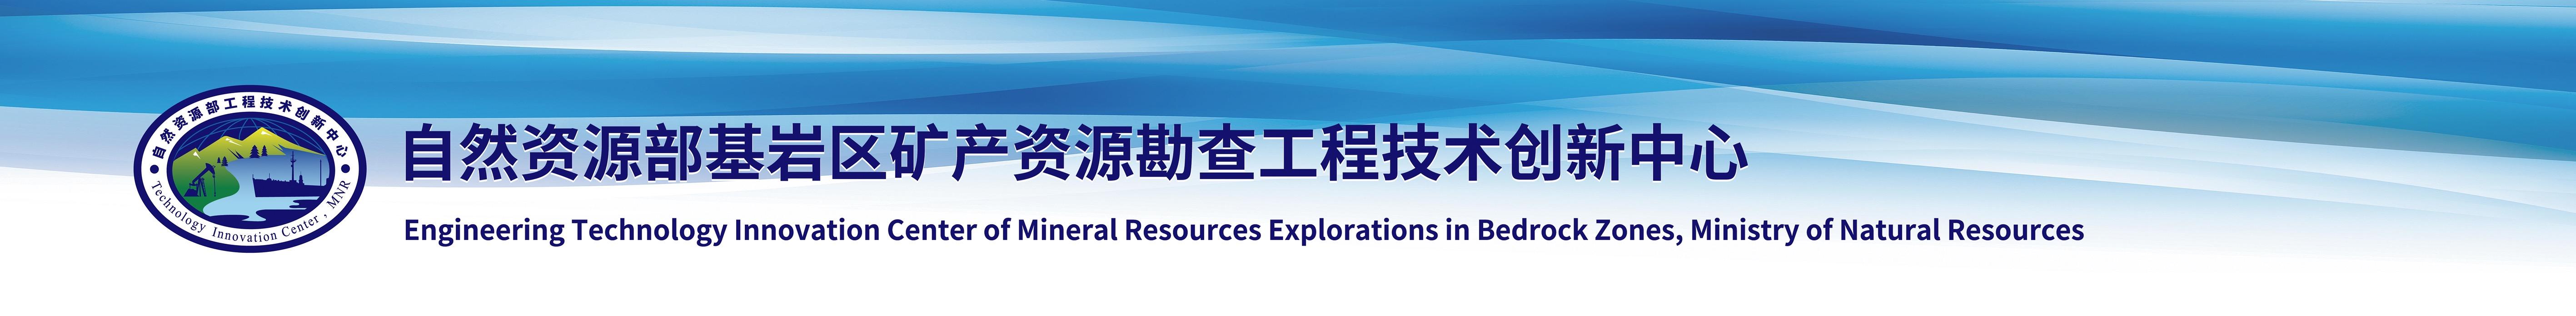 自然资源部基岩区矿产资源勘查工程技术创新中心